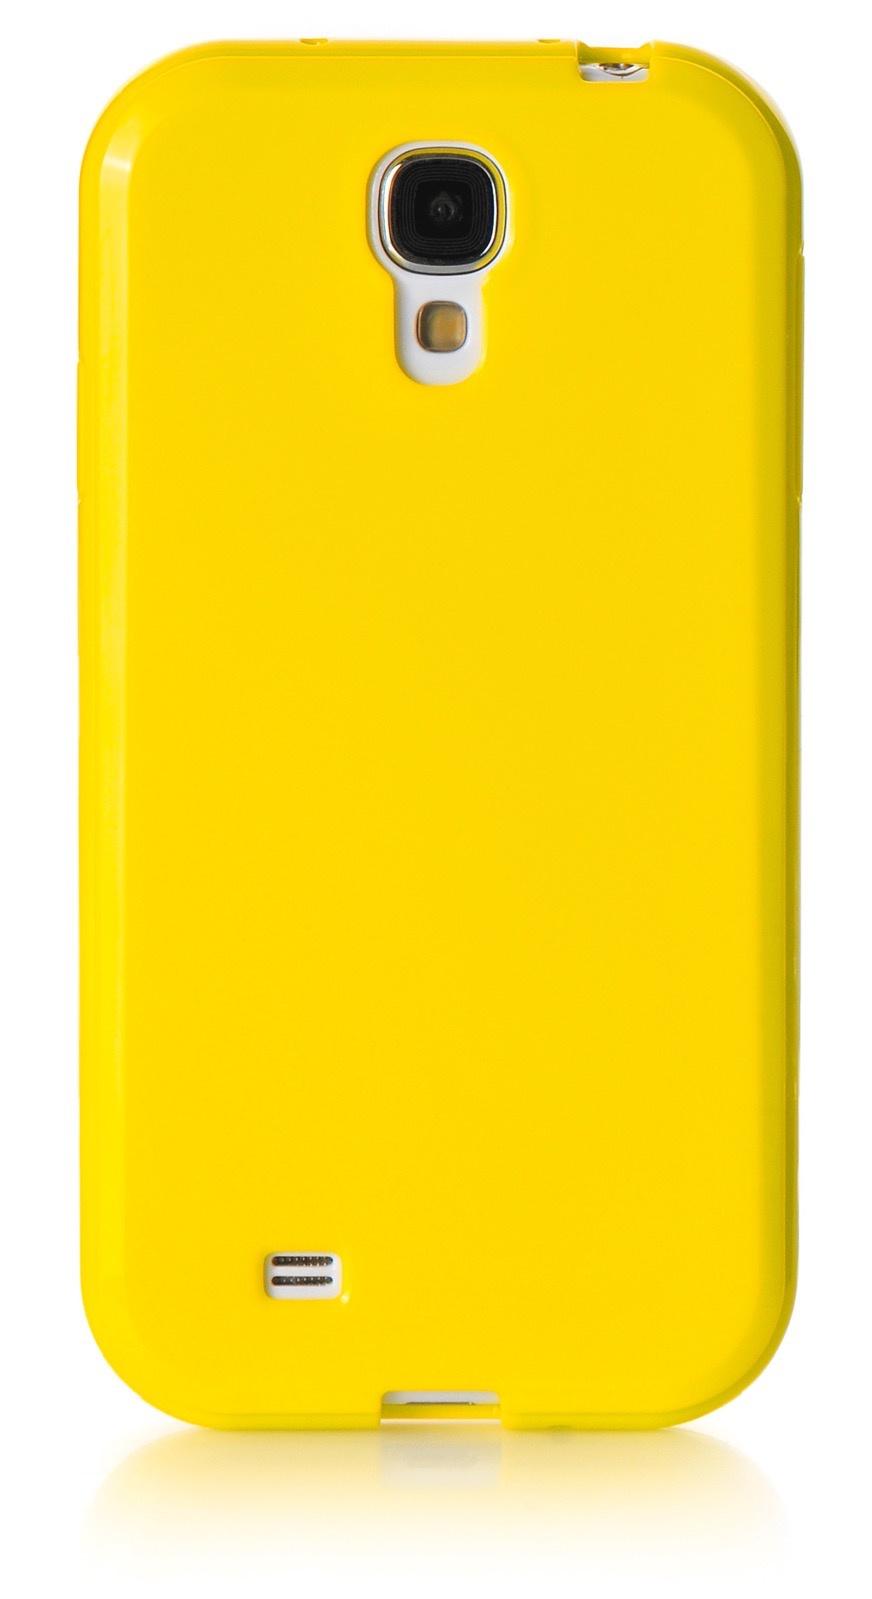 Чехол для сотового телефона iNeez накладка силикон мыльница 450172 для Samsung Galaxy S4, желтый